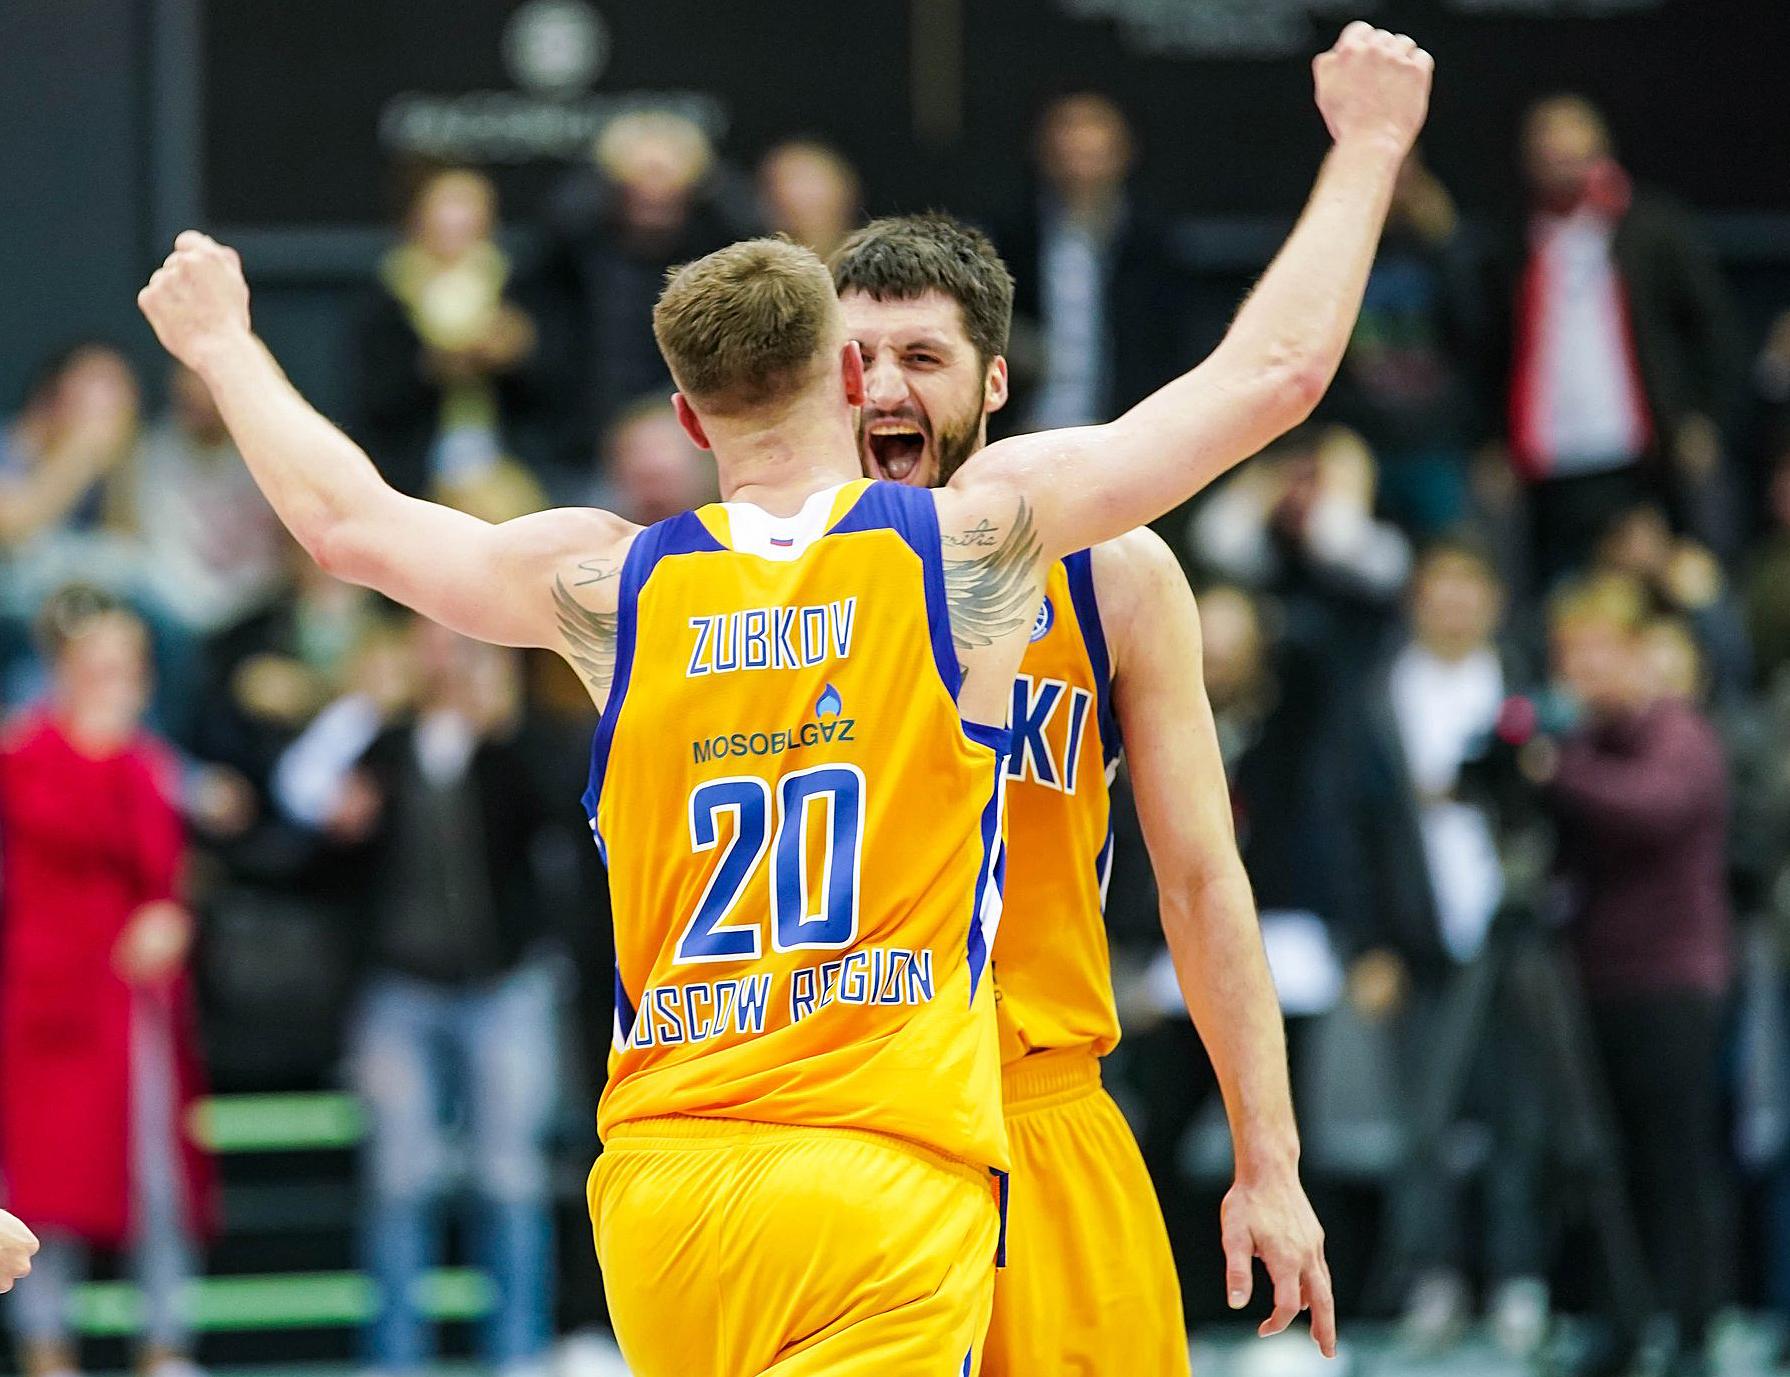 Маркович забивает с центра, УНИКС отыгрывает рекордные «-19», «Калев» теряет шансы на плей-офф. Главные сюжеты недели